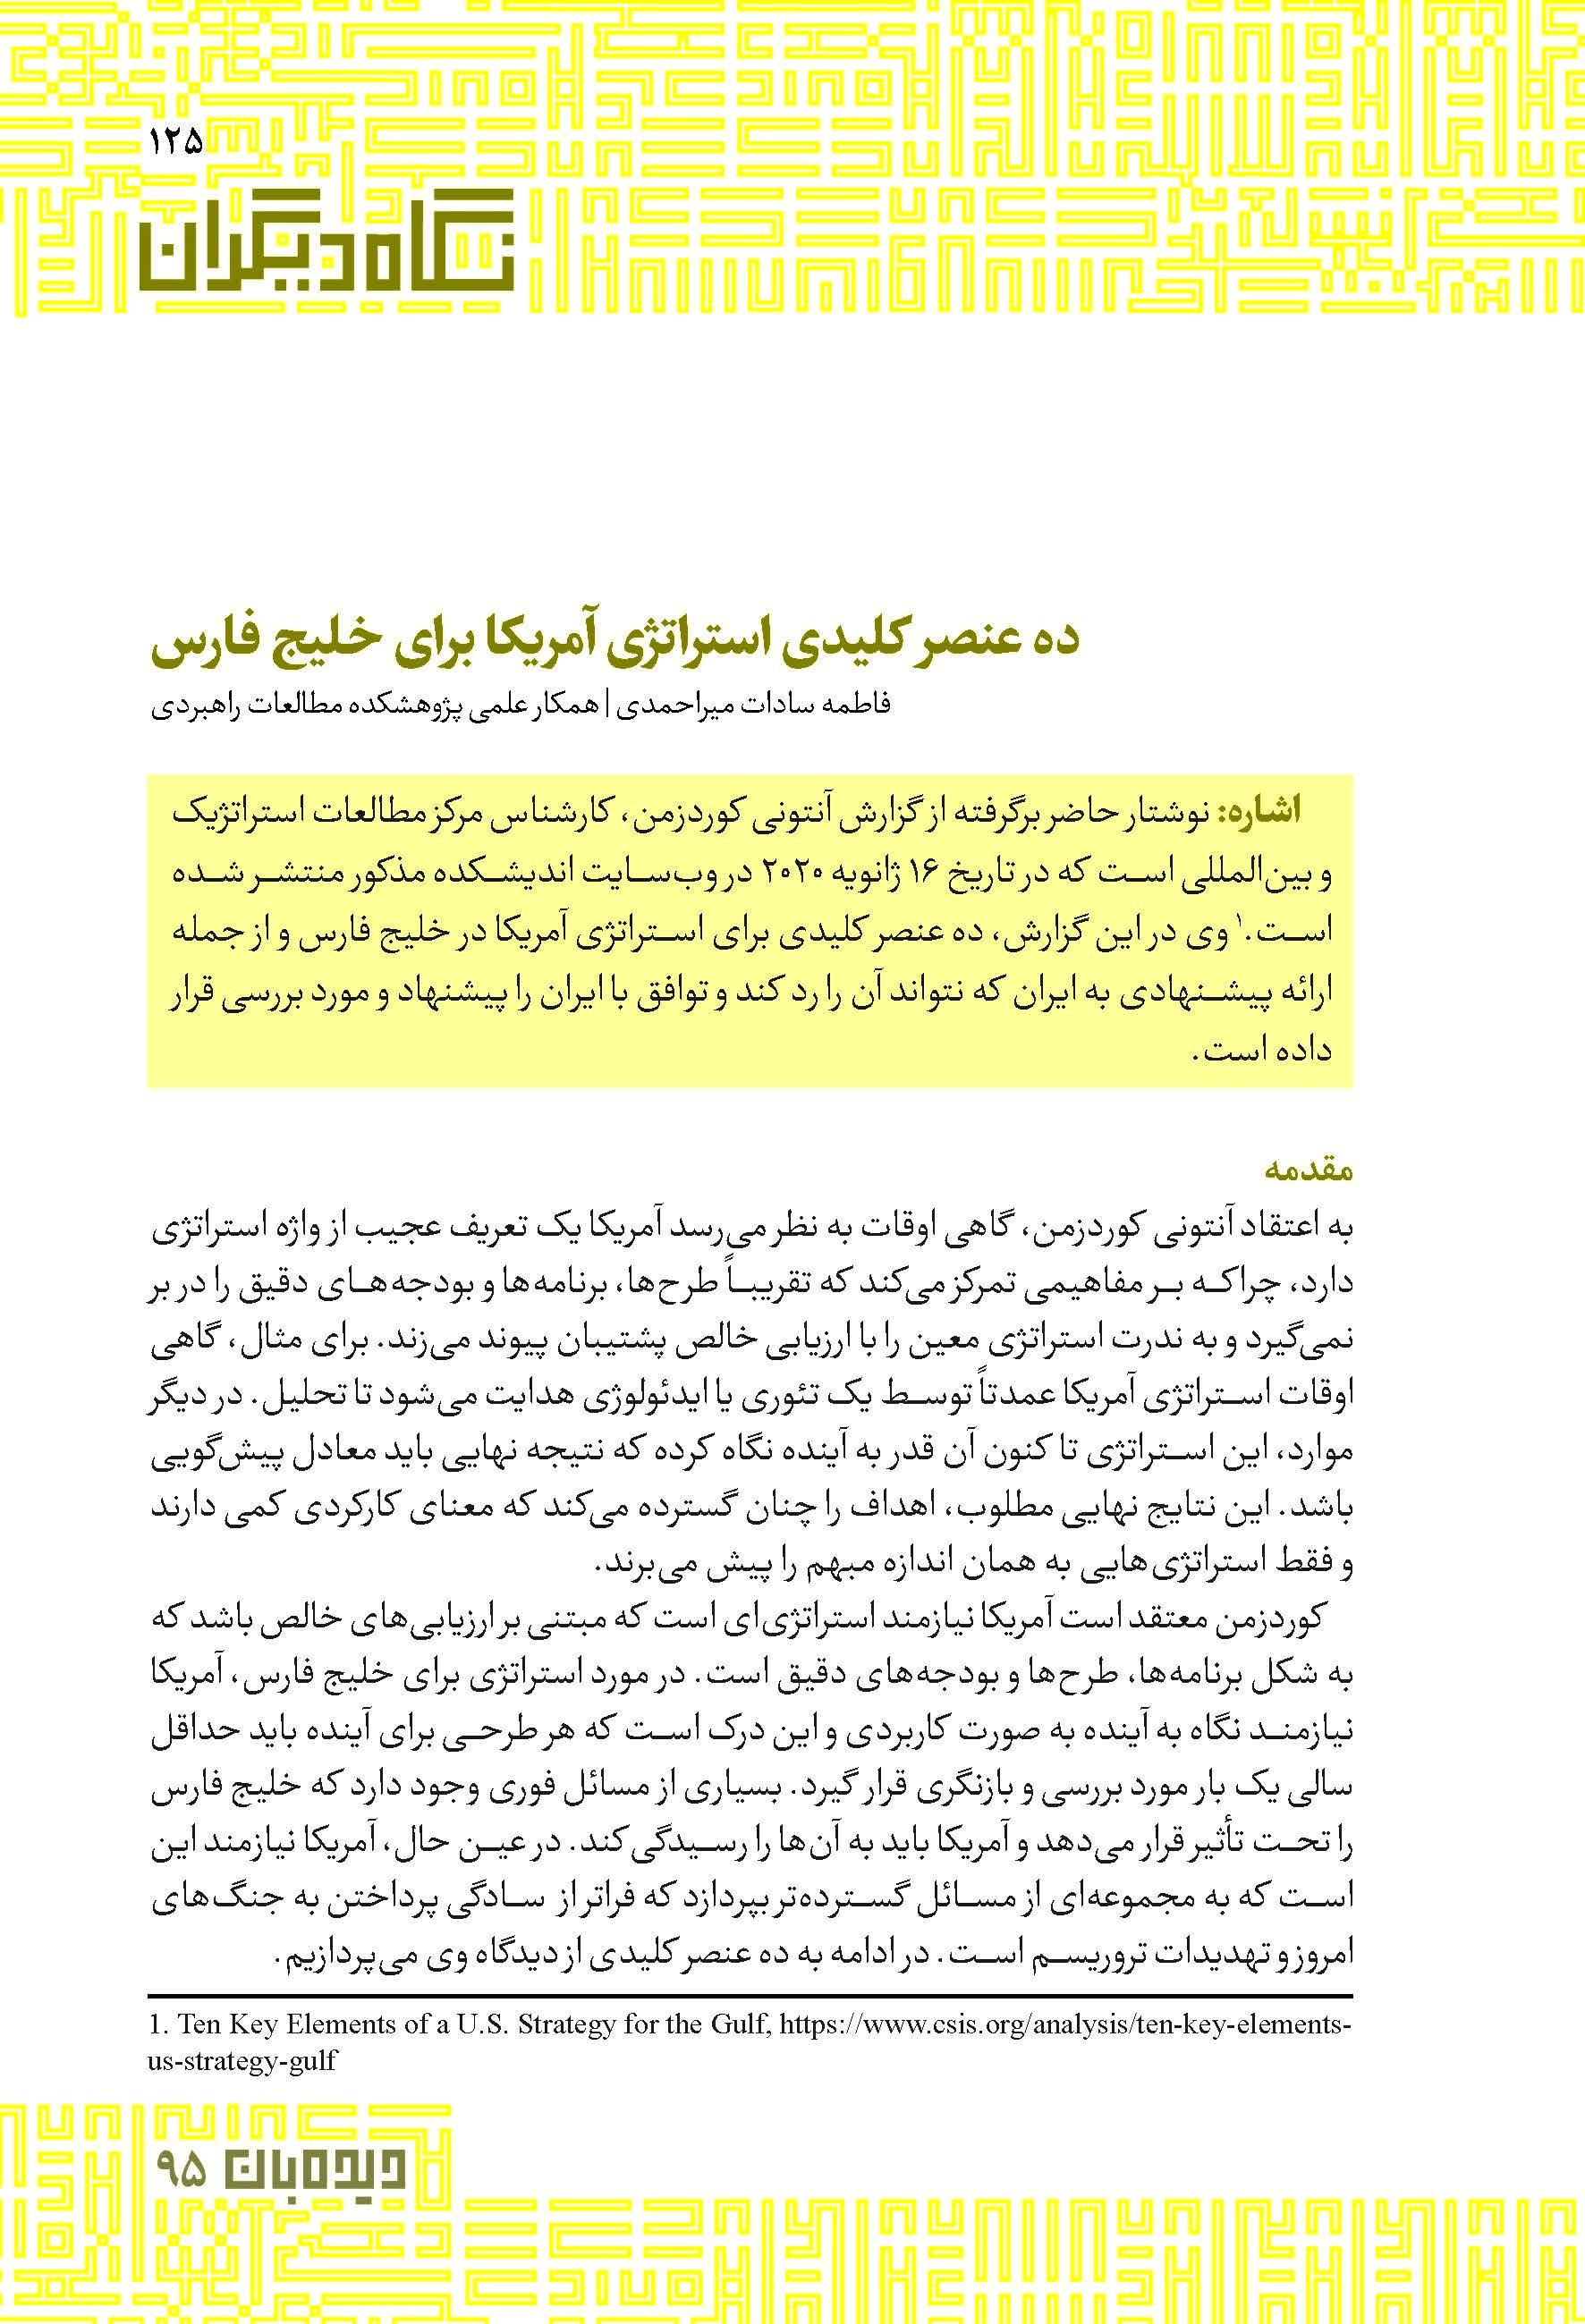 ده عنصر کلیدی استراتژی آمریکا برای خلیج فارس